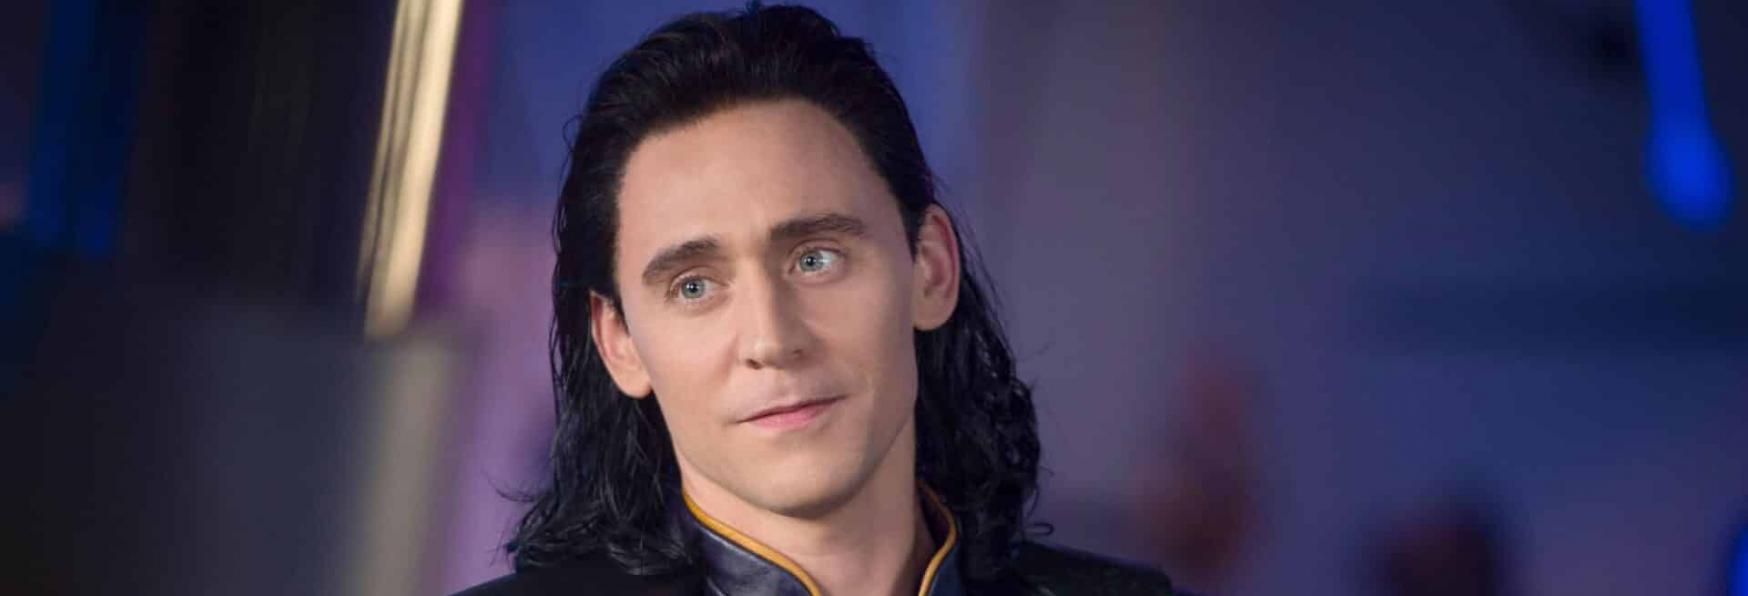 L'Ultimo Episodio di Loki batte ogni Record: è il Finale di Stagione più visto tra le Serie TV dei Marvel Studios